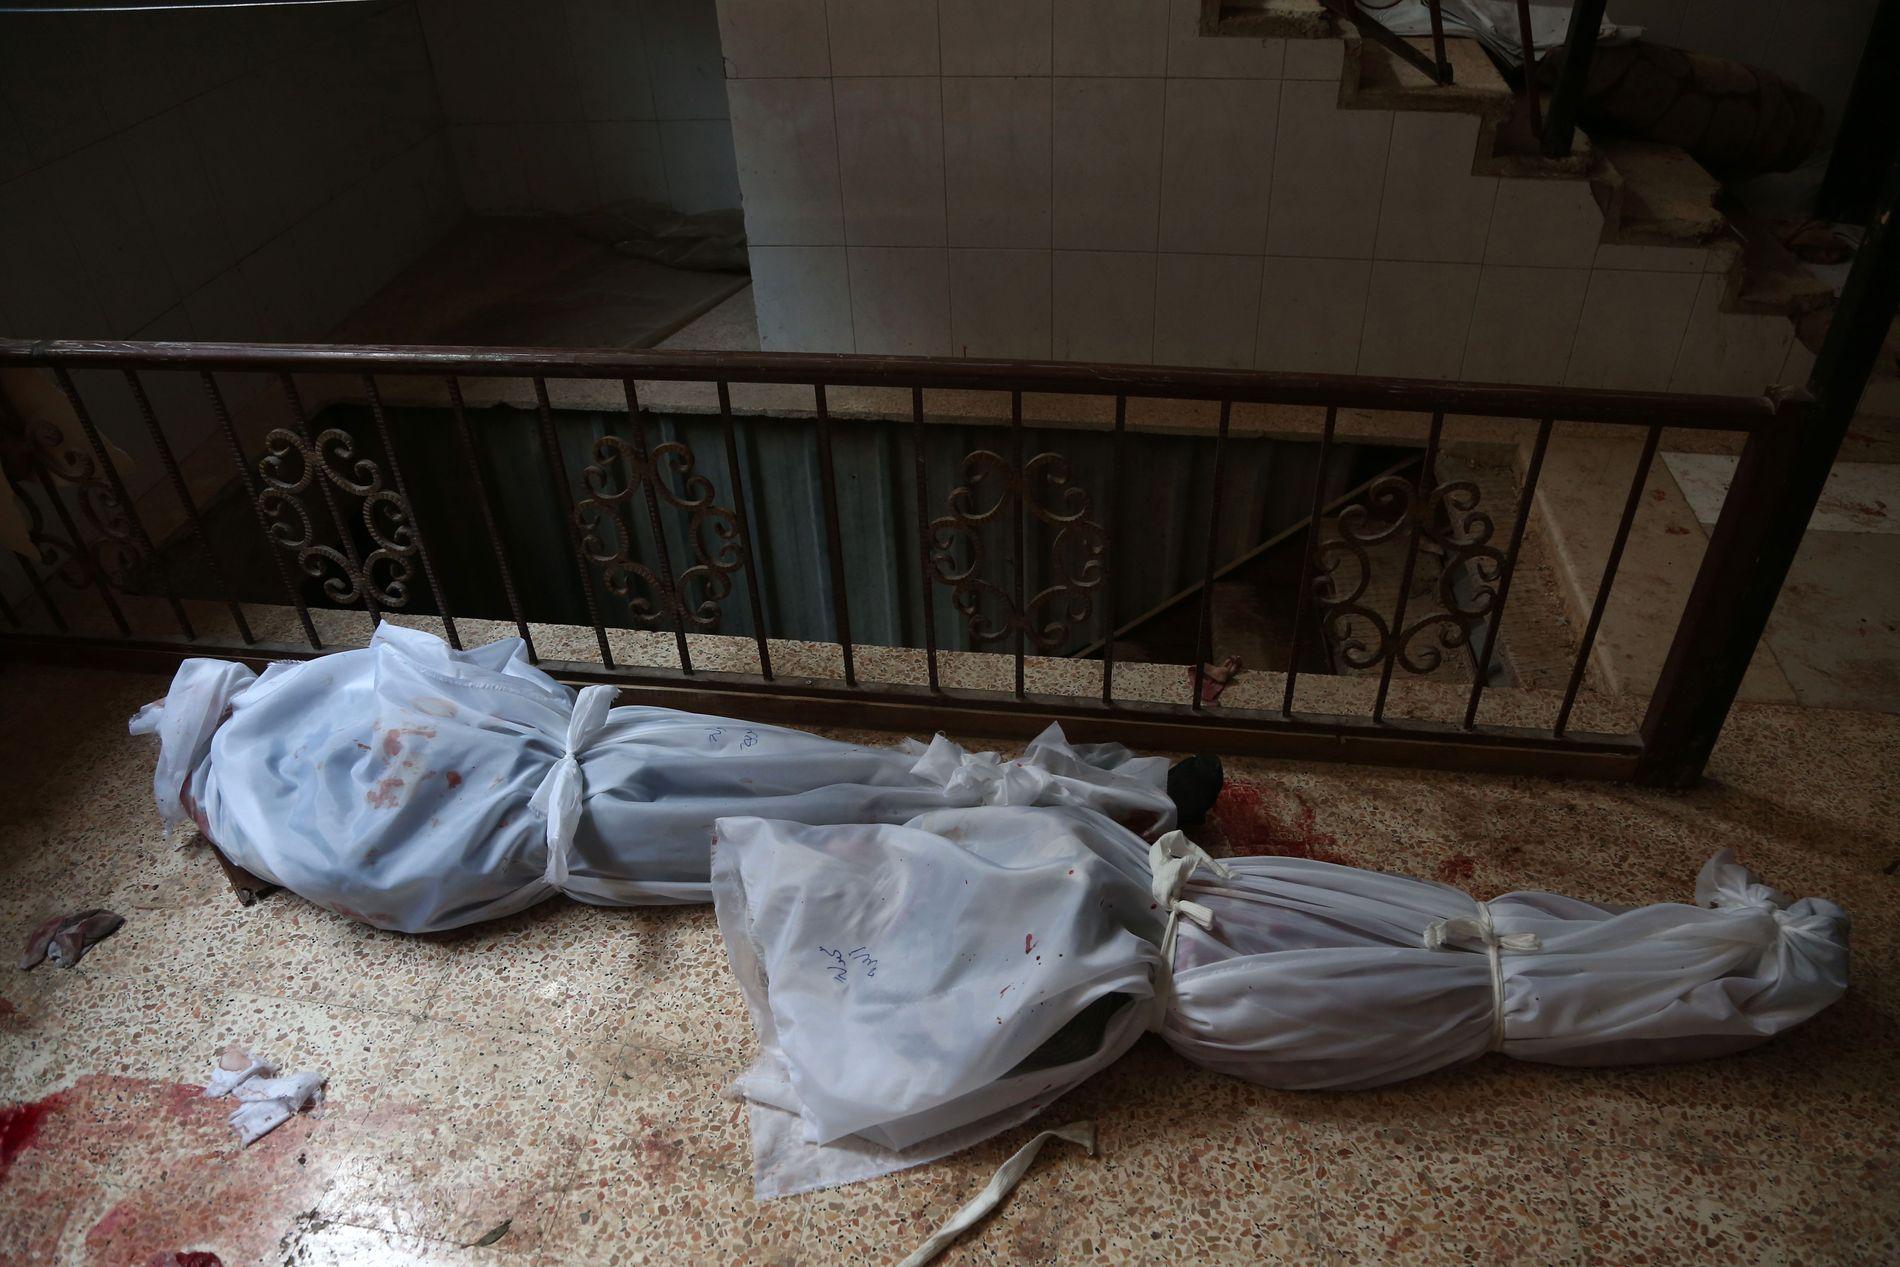 DREPT: Døde mennesker, drept i bombeangrep i Øst-Ghouta den 18. februar, fotografert av Abdulmonam Eassa i Hamouira.